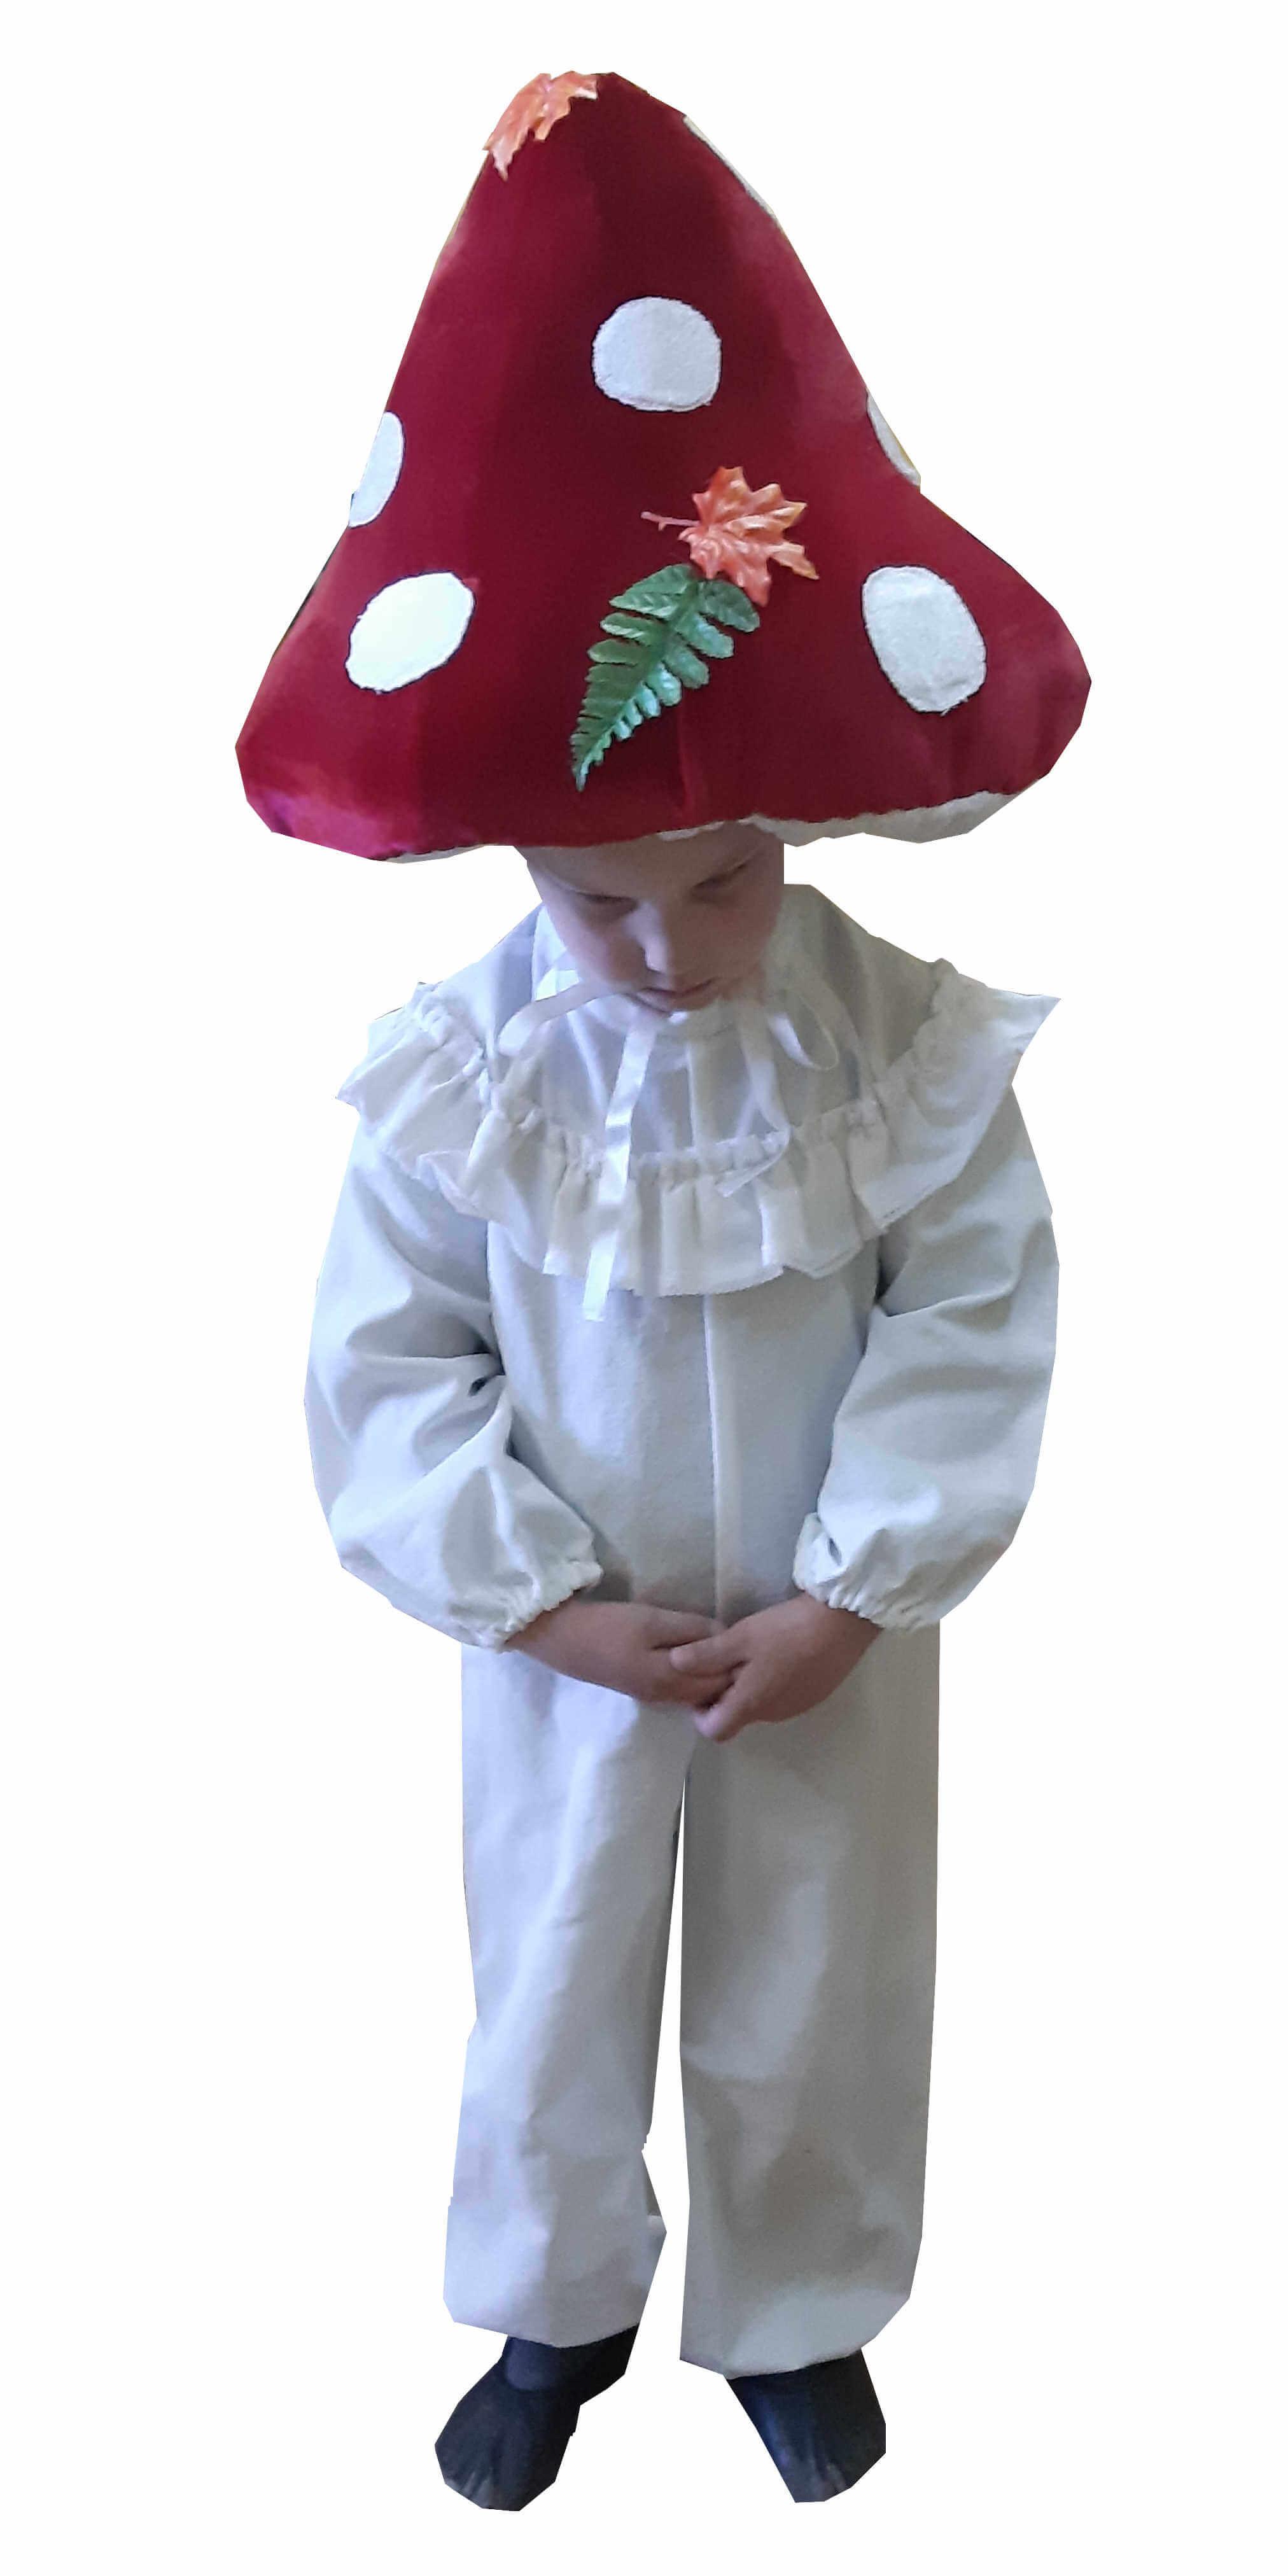 костюм гриба. Костюм Грибa Мухоморa. Musmirės kostiumas. musmirė. Grybas. Grybo kostiumas.   Karnavaliniu kostiumu nuoma vaikams Vilniuje - pasakunamai.lt